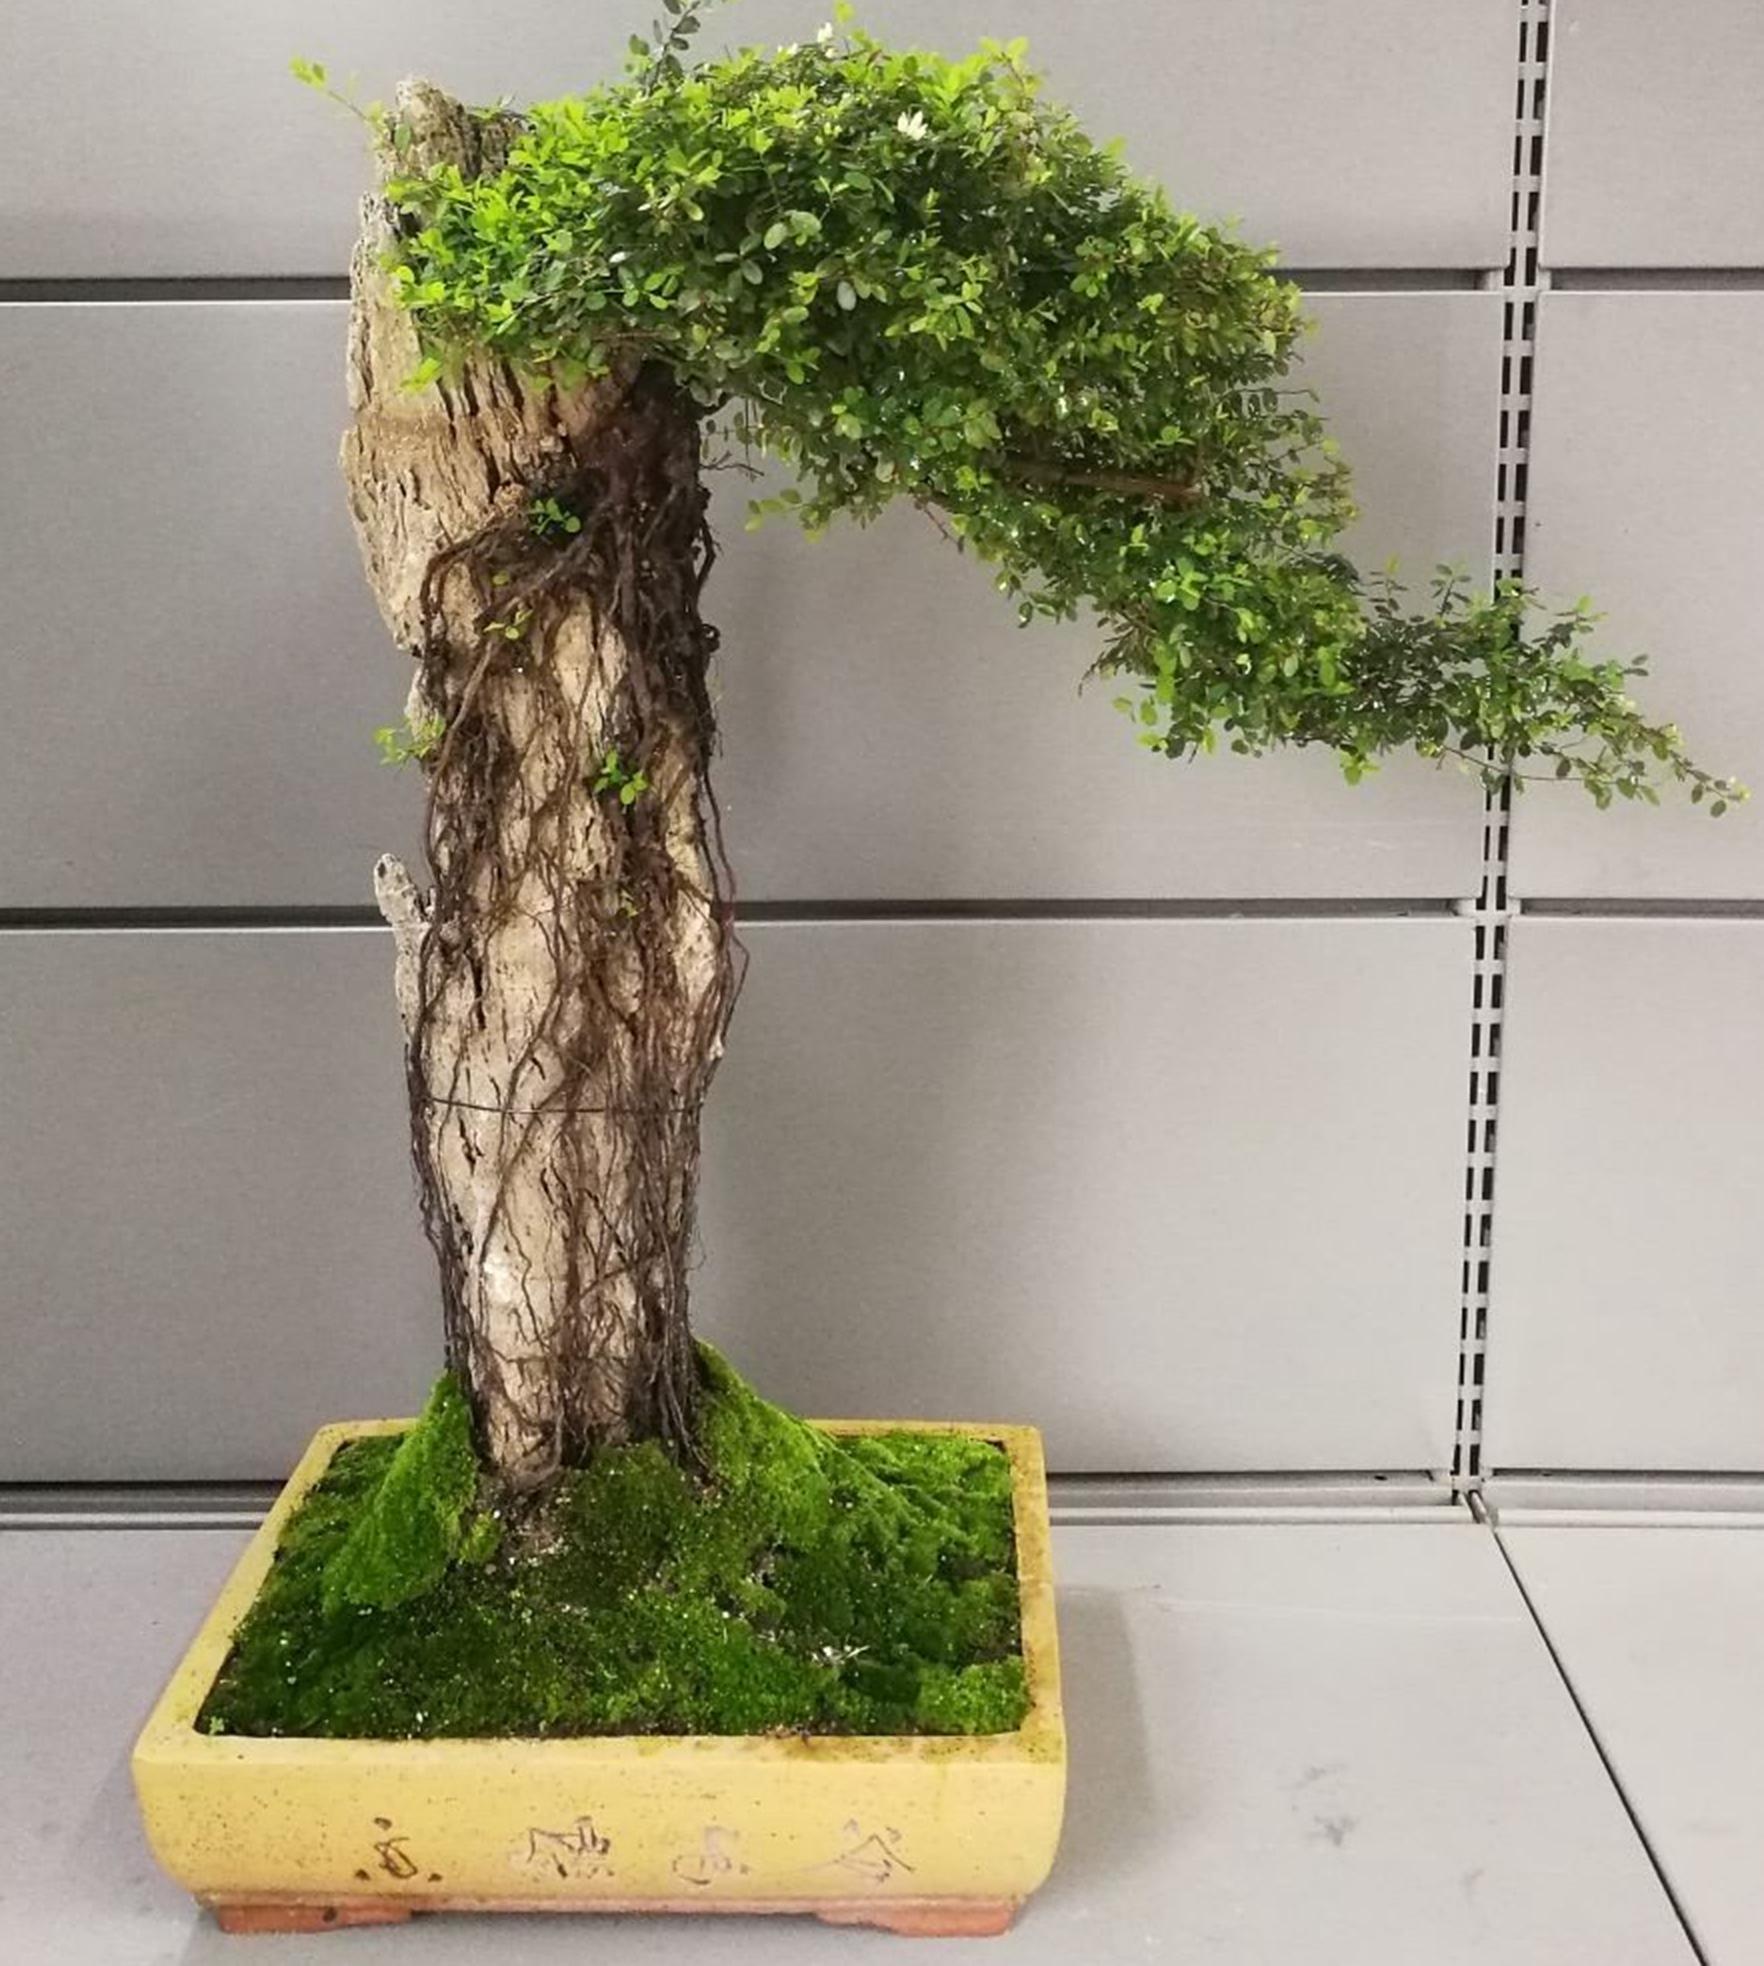 榕树盆景的造型